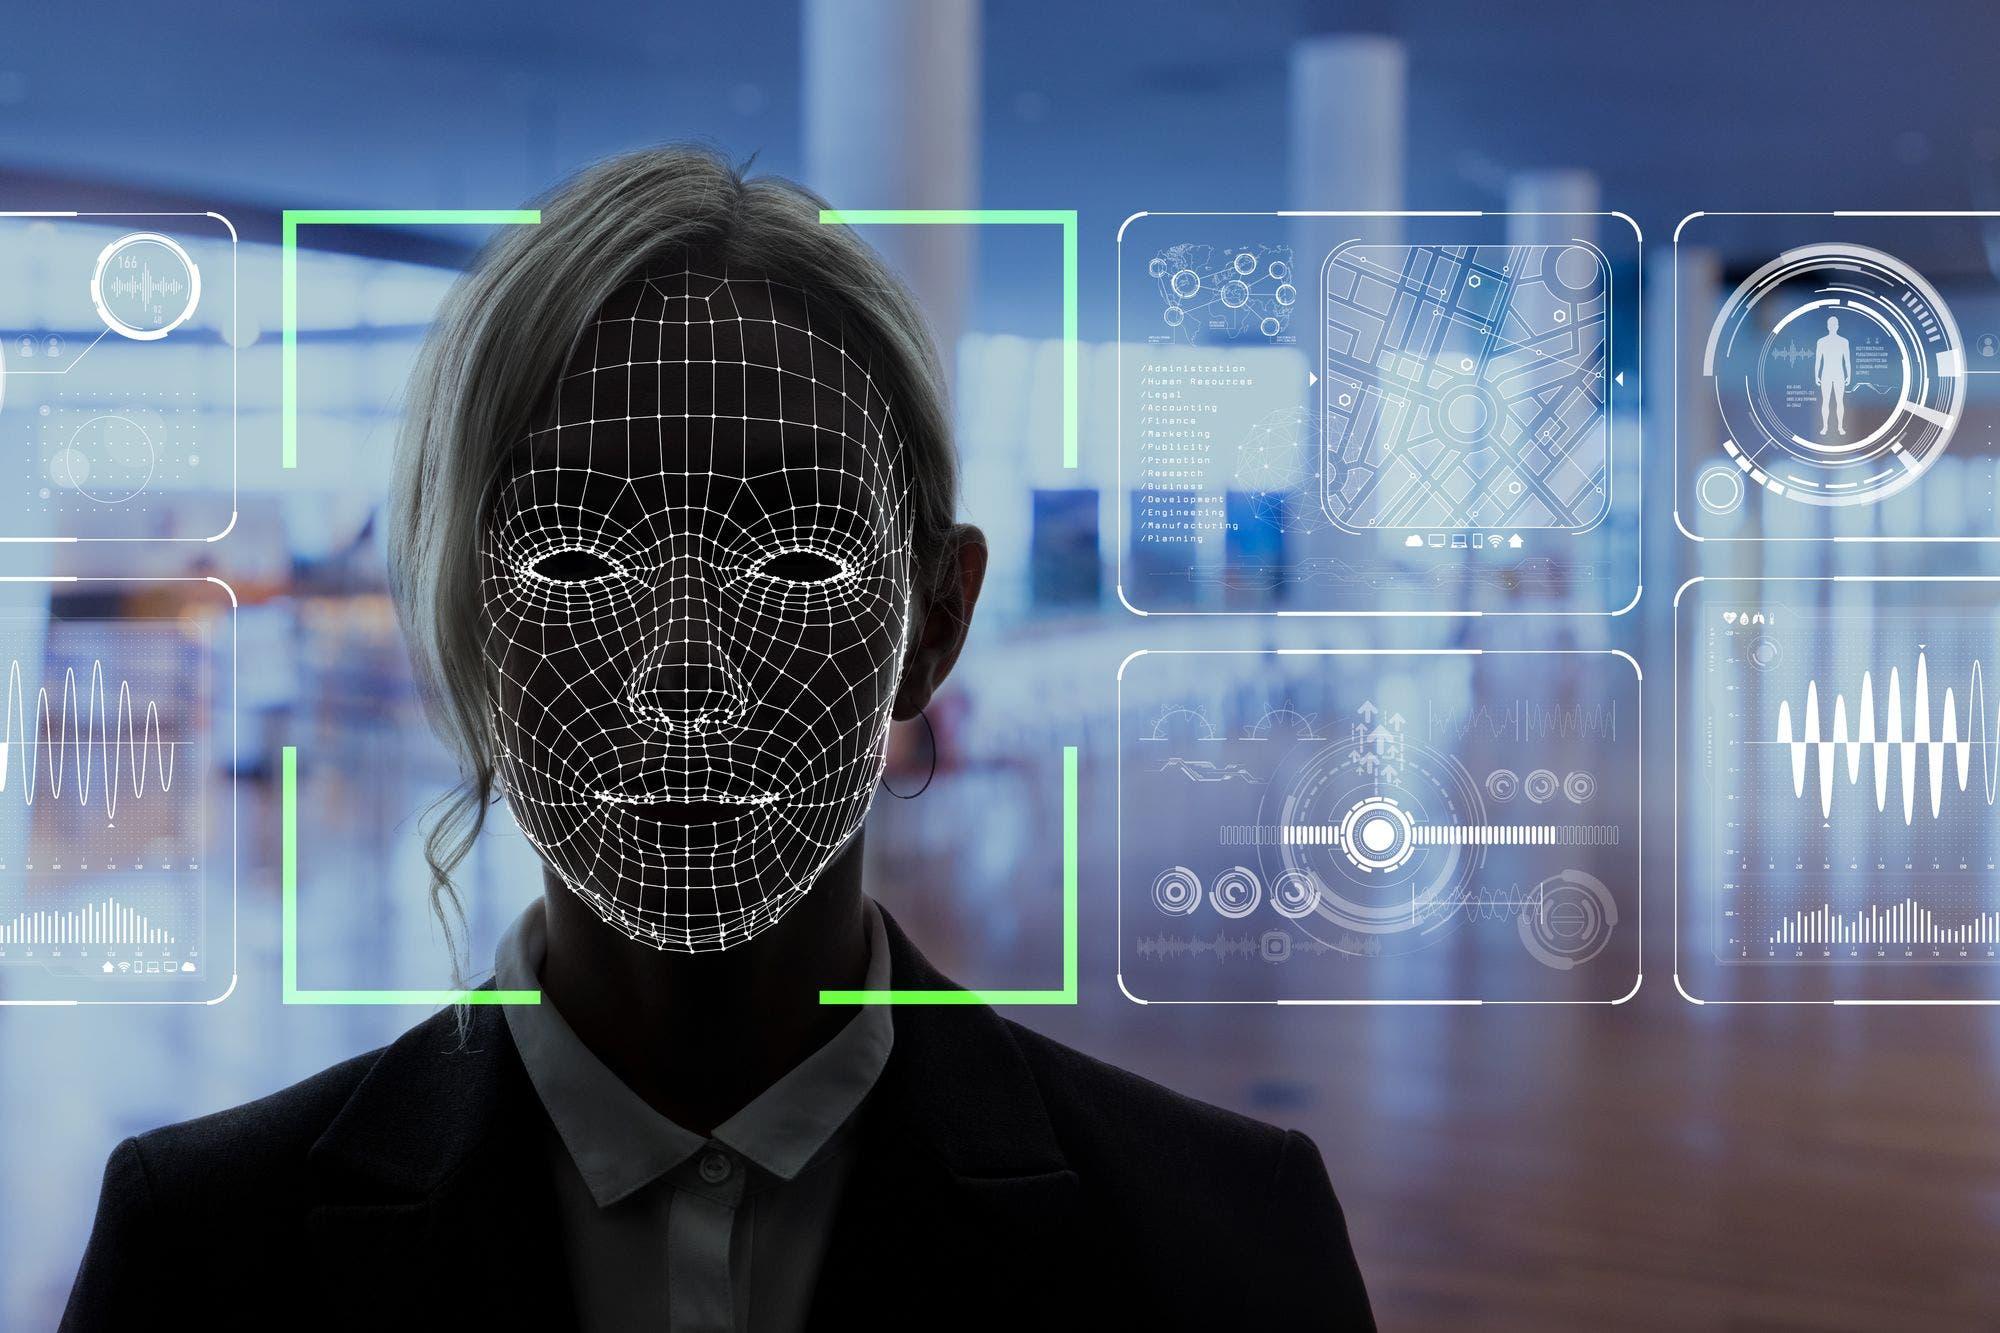 """""""Como 'Black Mirror' en la vida real"""": la preocupación de Alexandria Ocasio-Cortez y otros congresistas en EE.UU. por el uso de la tecnología de reconocimiento facial"""